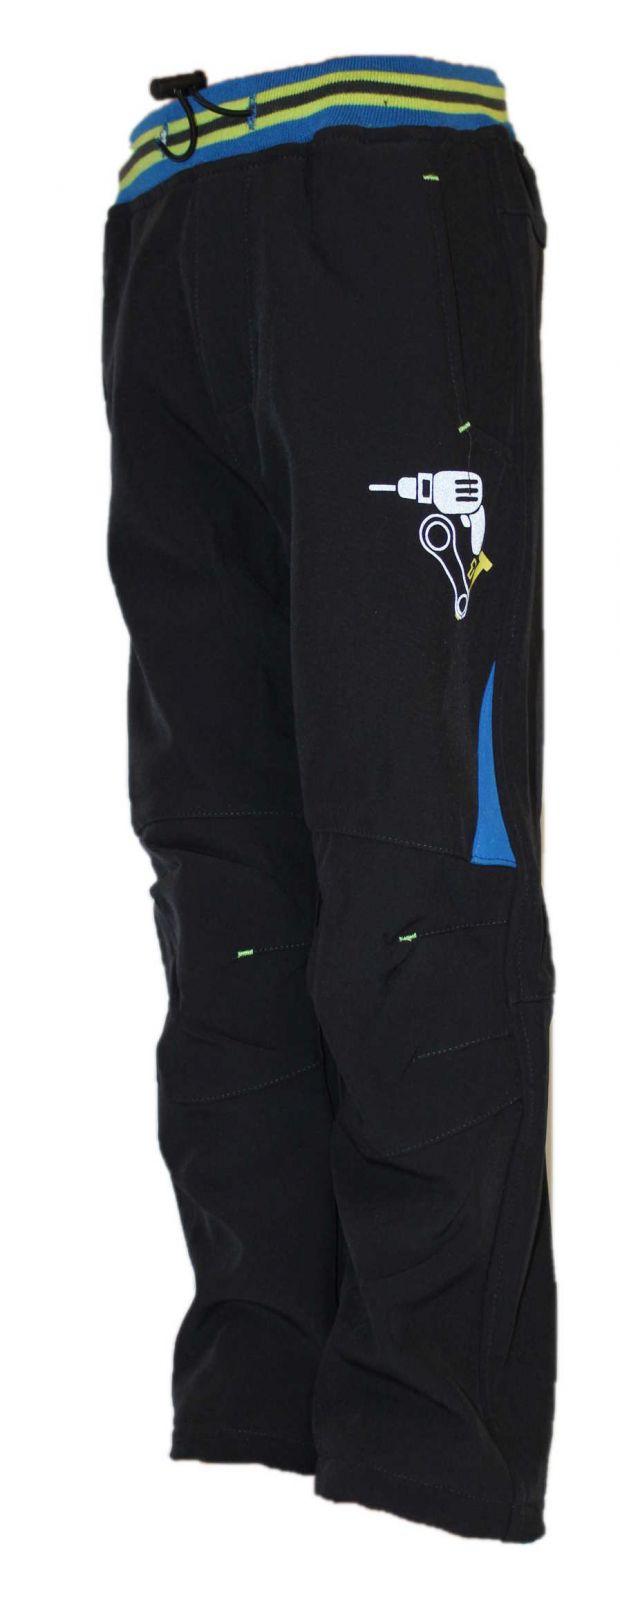 Dětské zateplené softshellové kalhoty KUGO, podzimní kalhoty